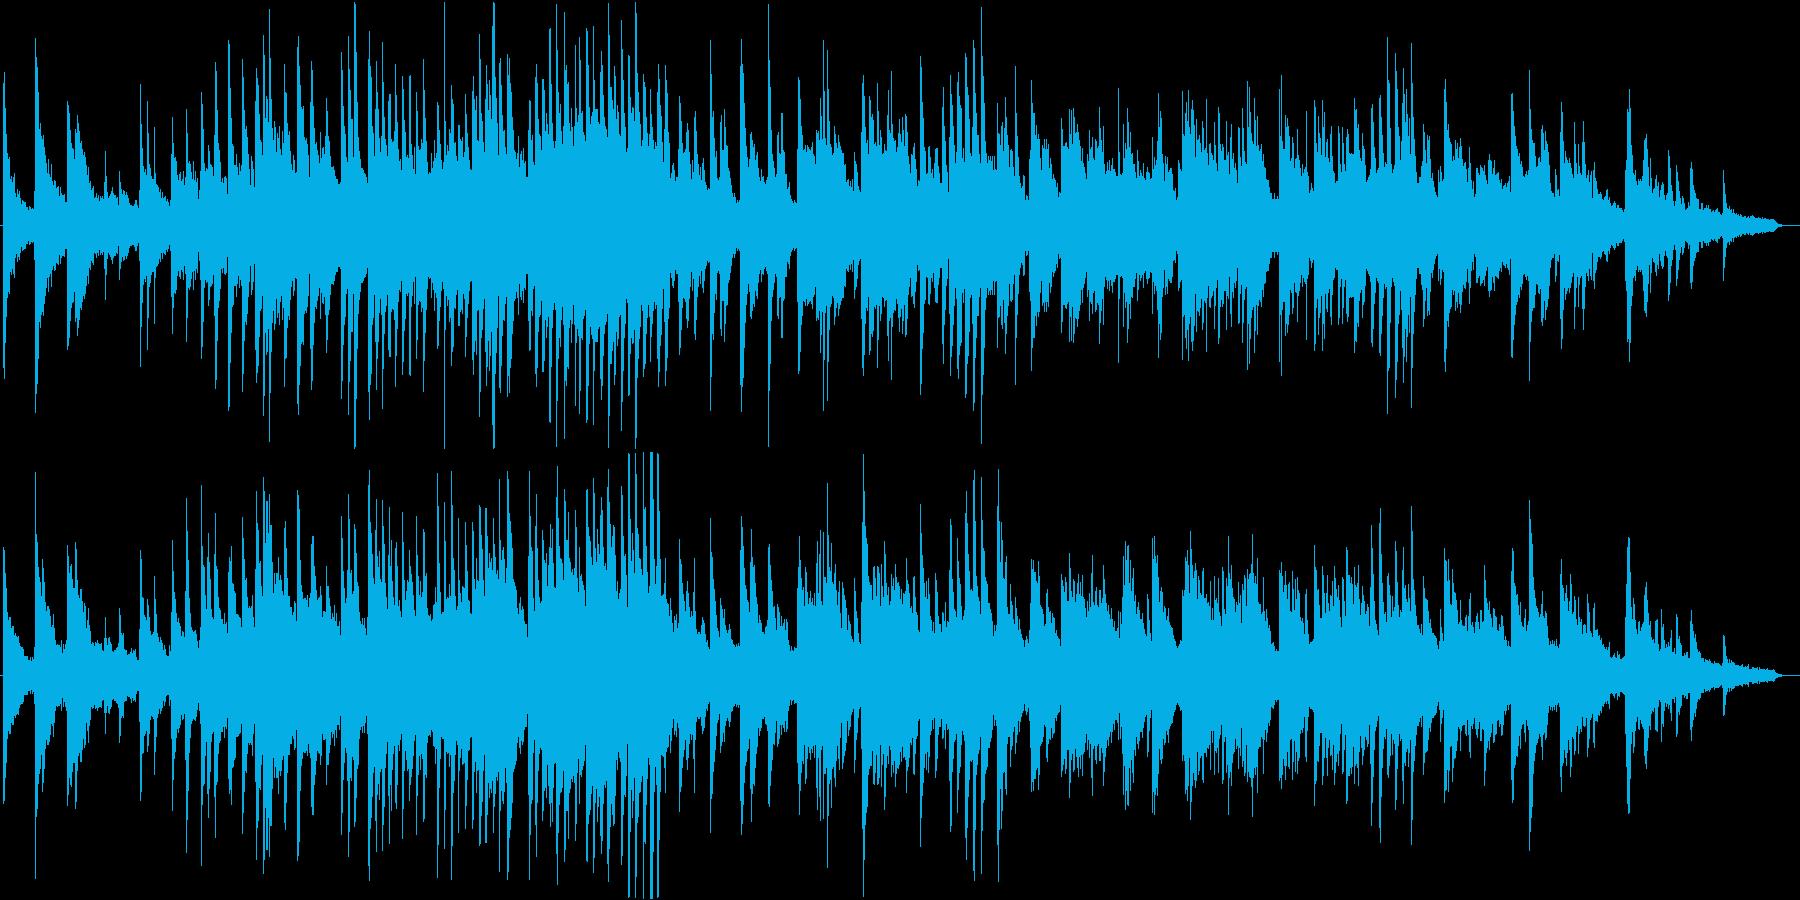 壮大でダークな雰囲気のピアノ・ソロの再生済みの波形